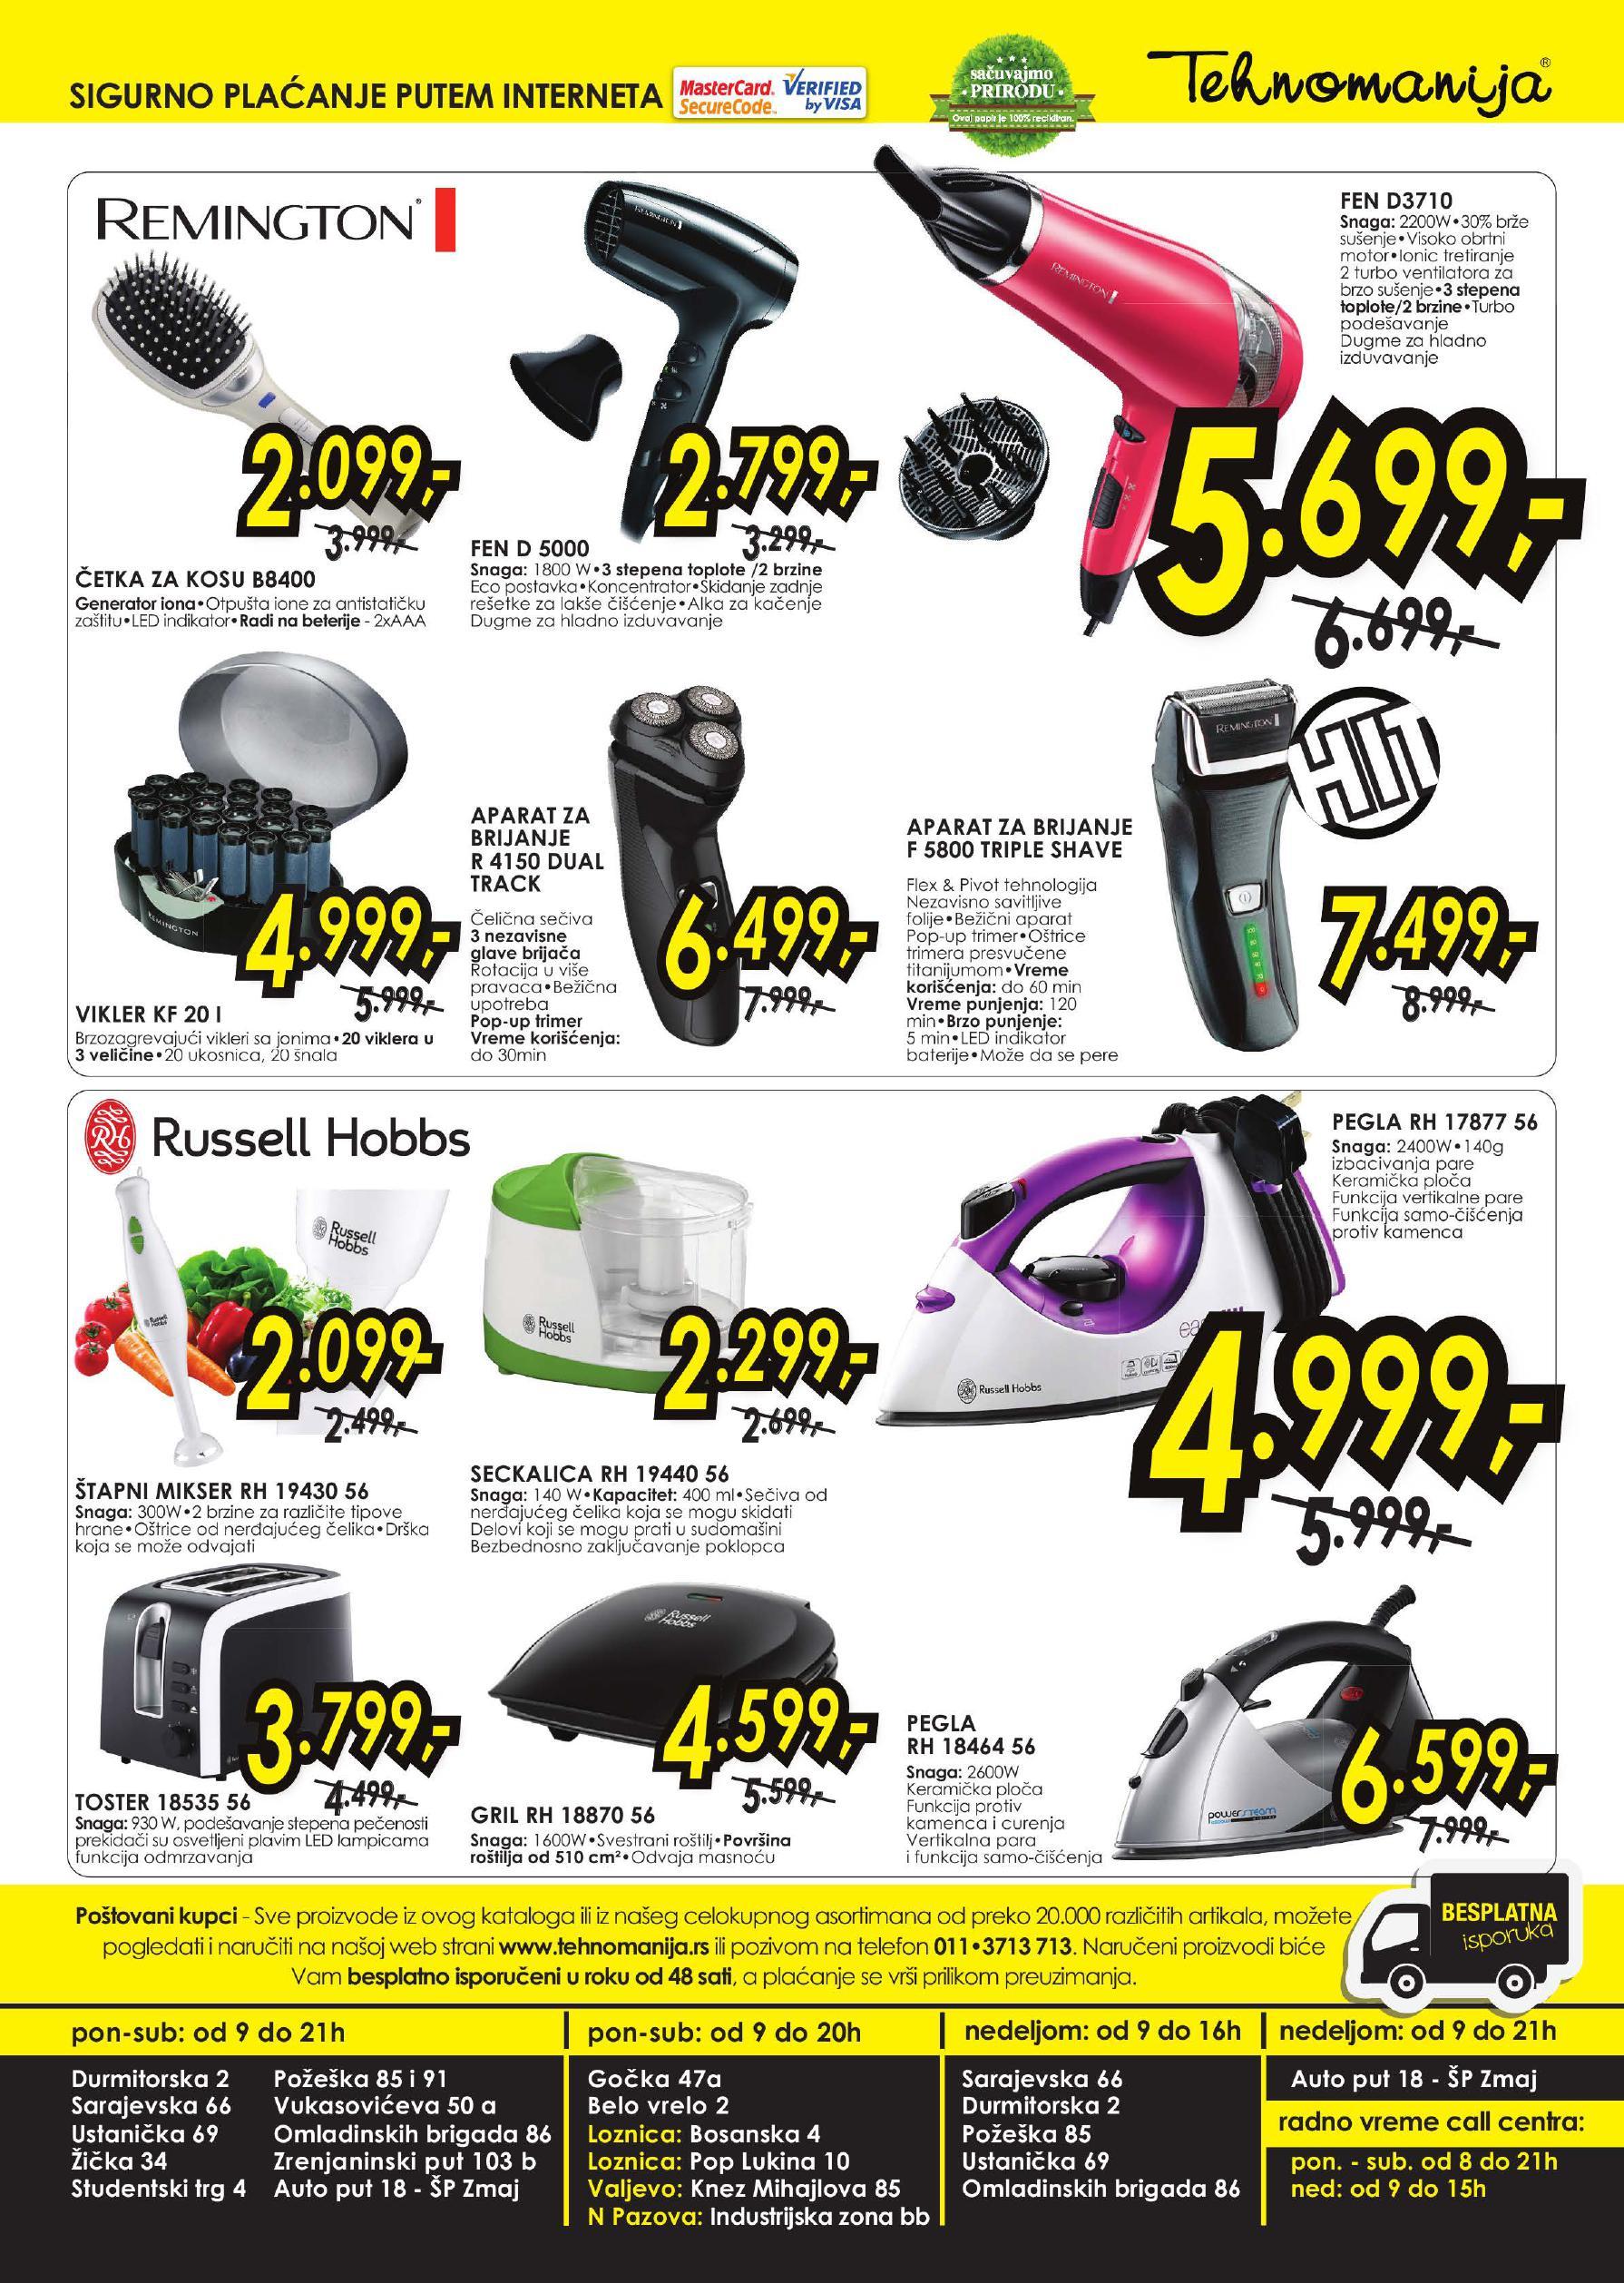 Tehnomanija katalog mali kućni aparati za vas